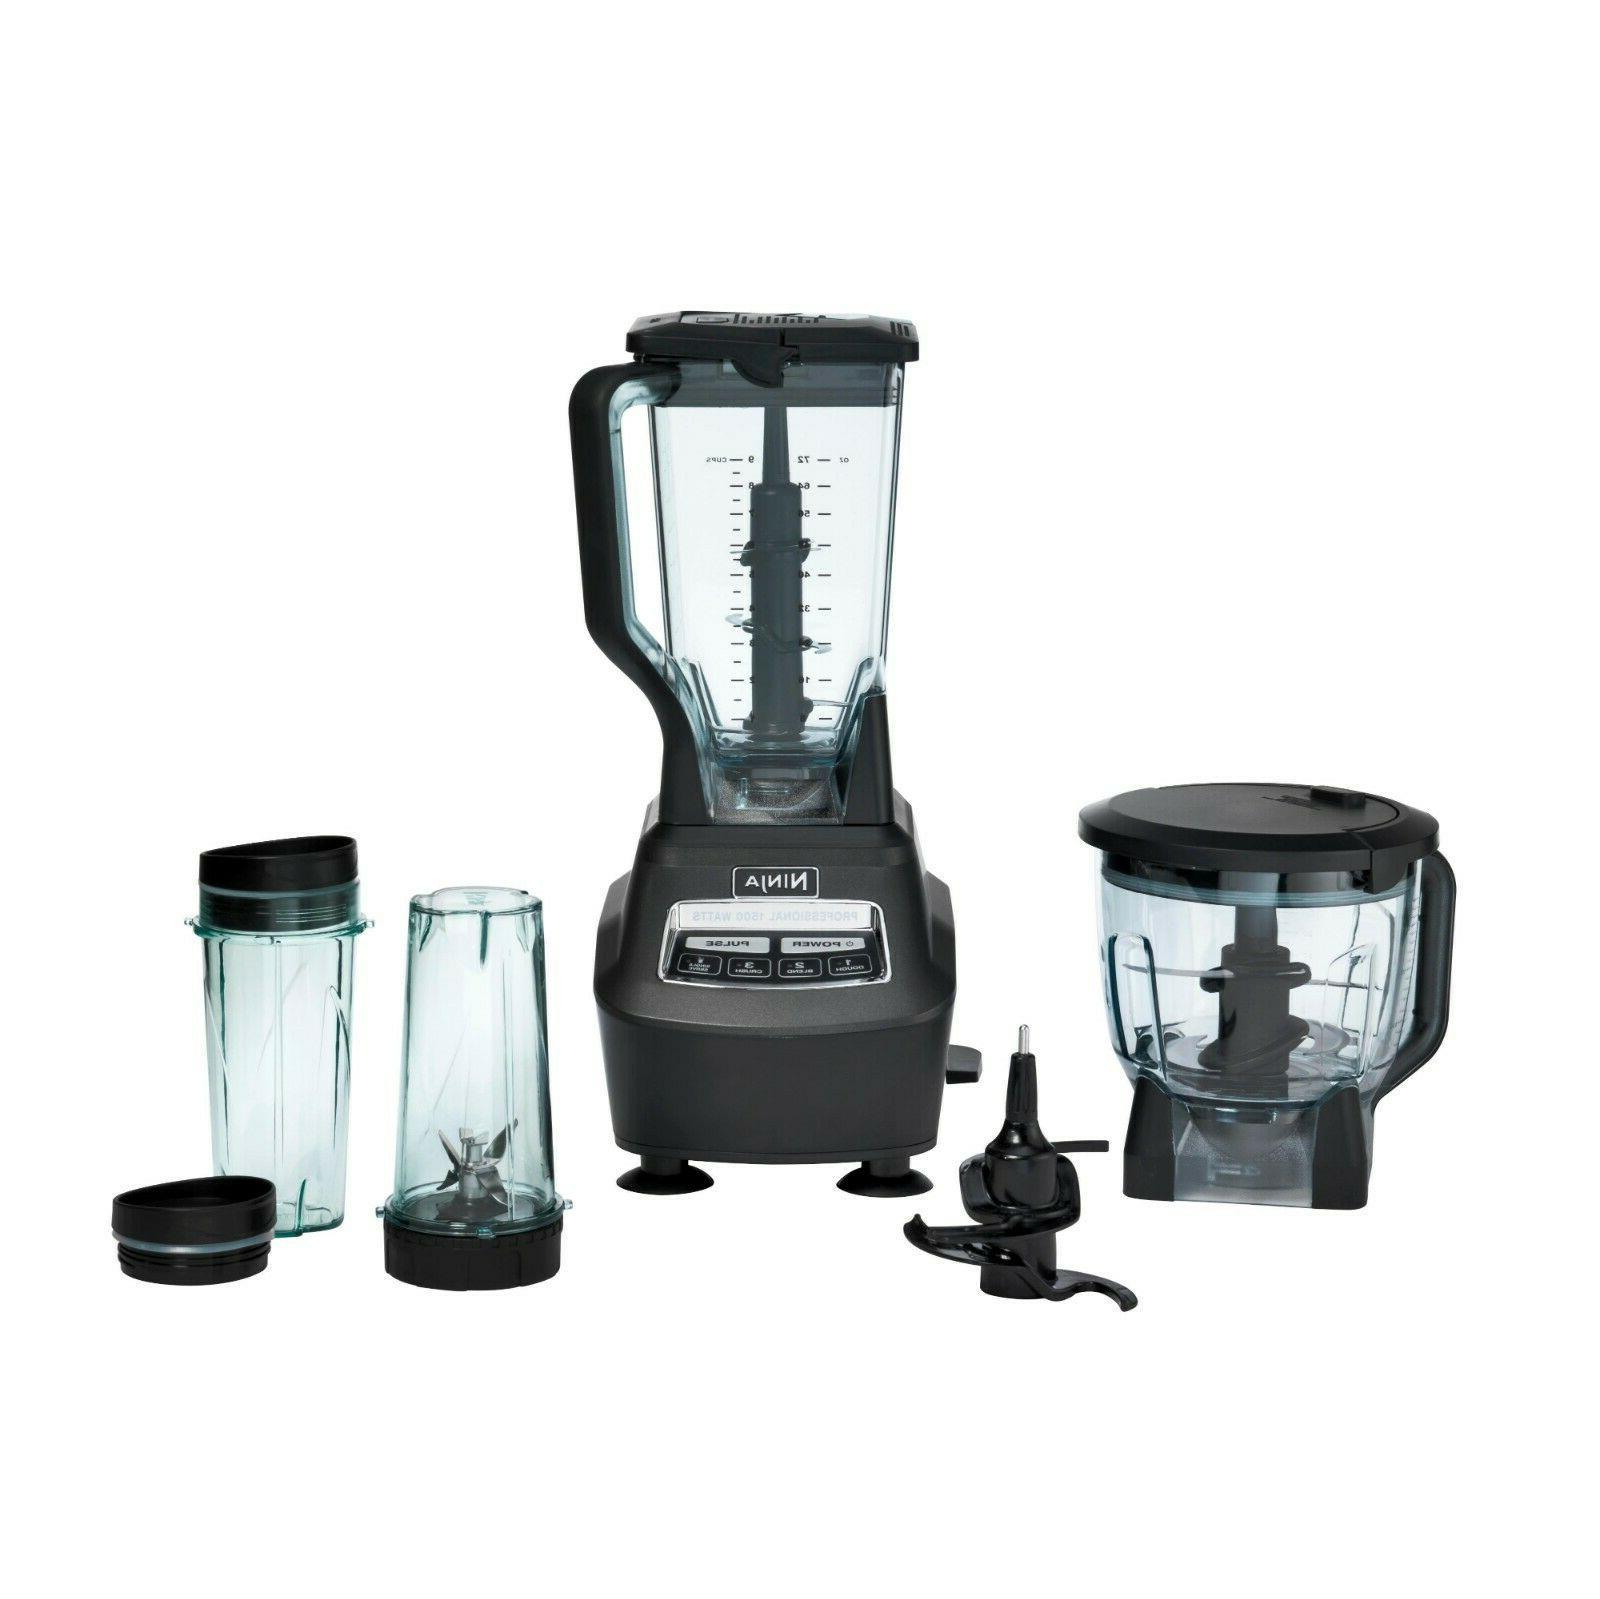 smoothie blender food processor mega kitchen system